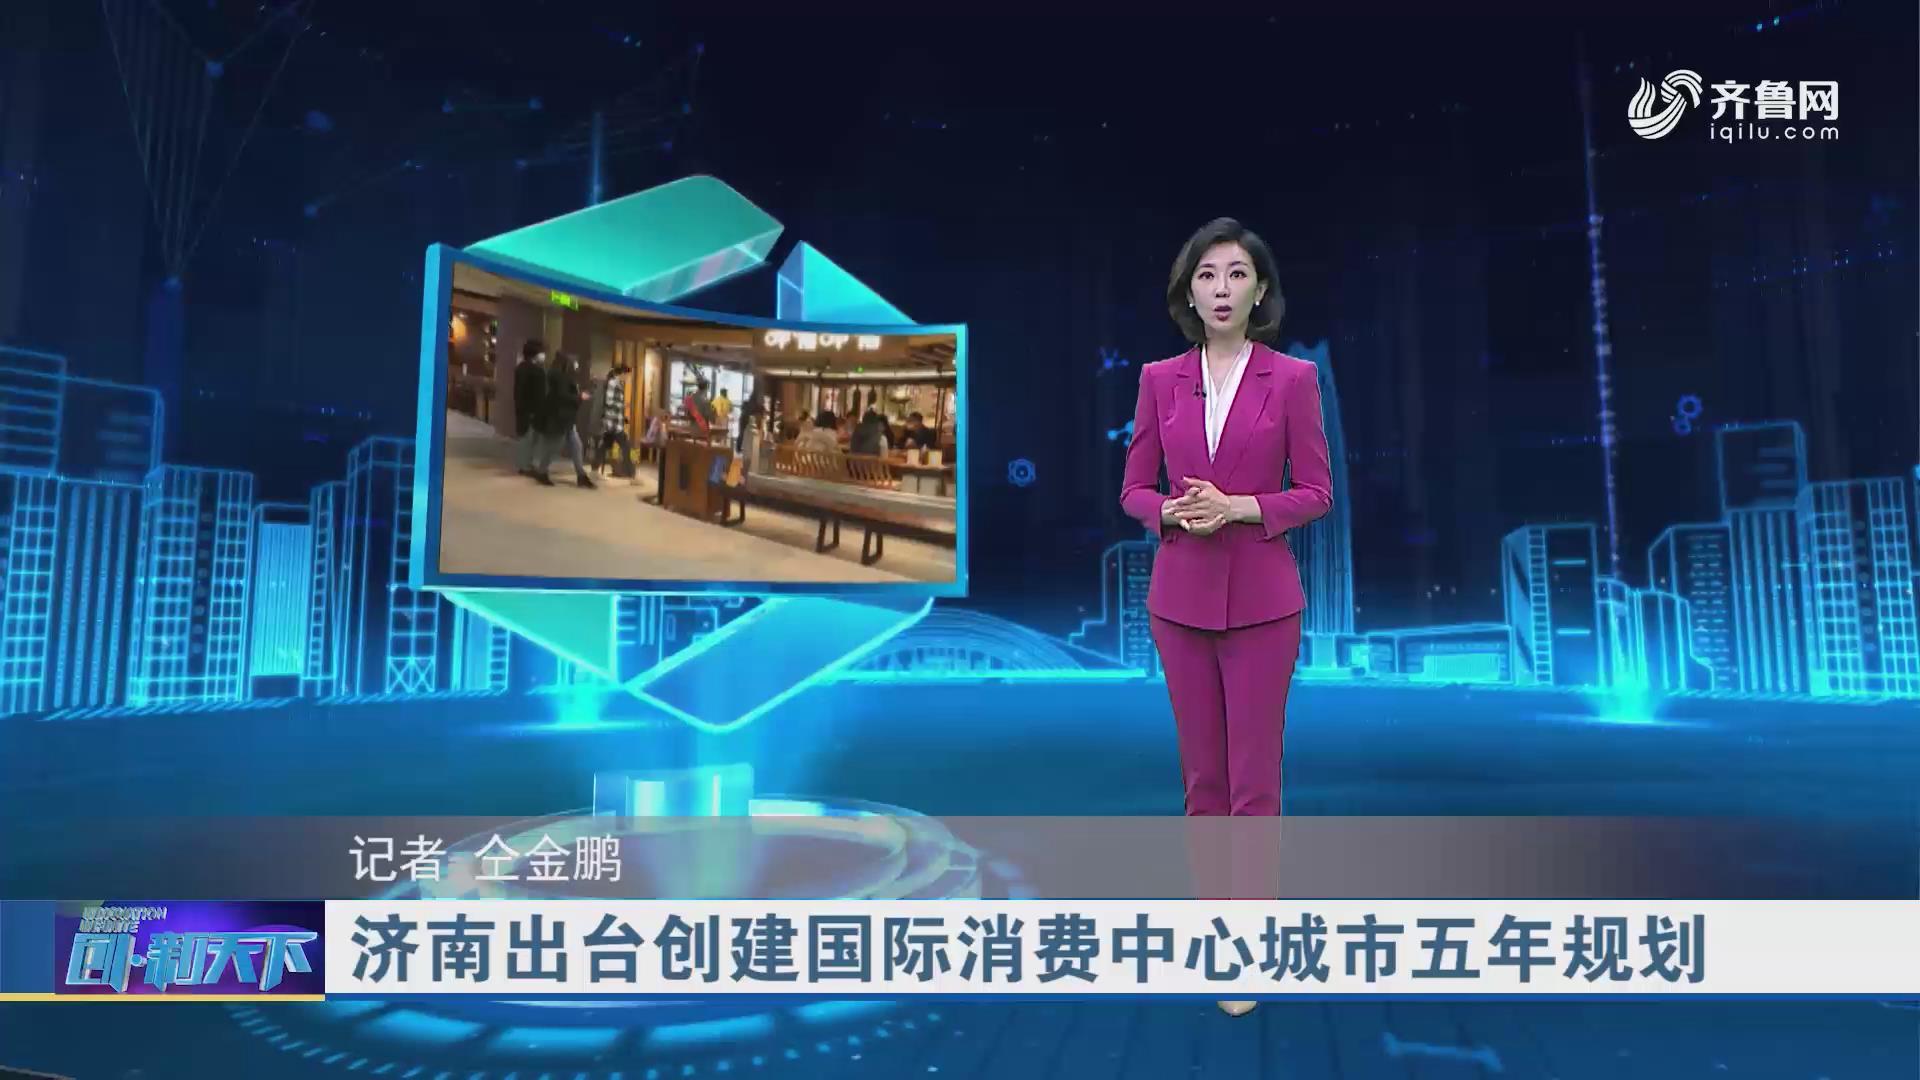 济南出台创建国际消费中心城市五年规划